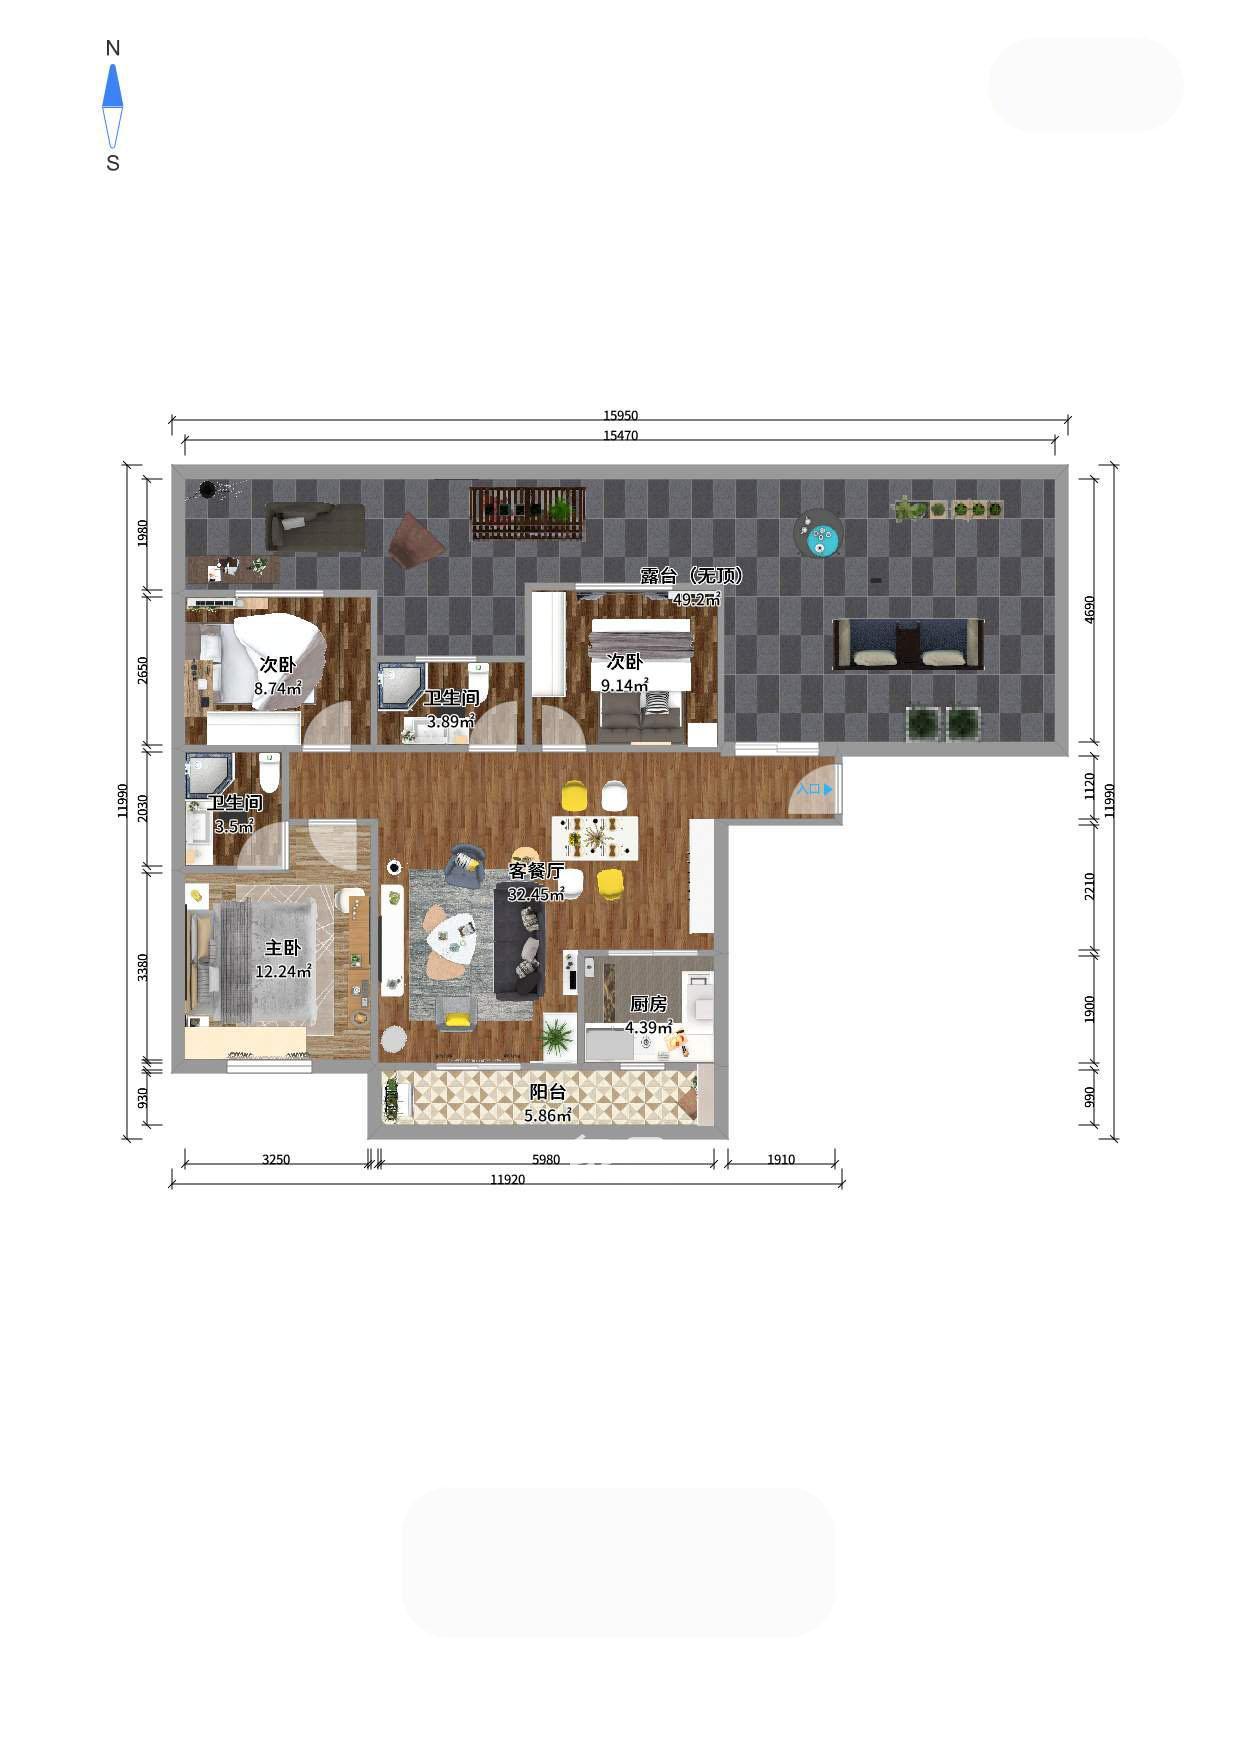 高林世家帶露臺小三房 使用面積大 裝修差不多全新